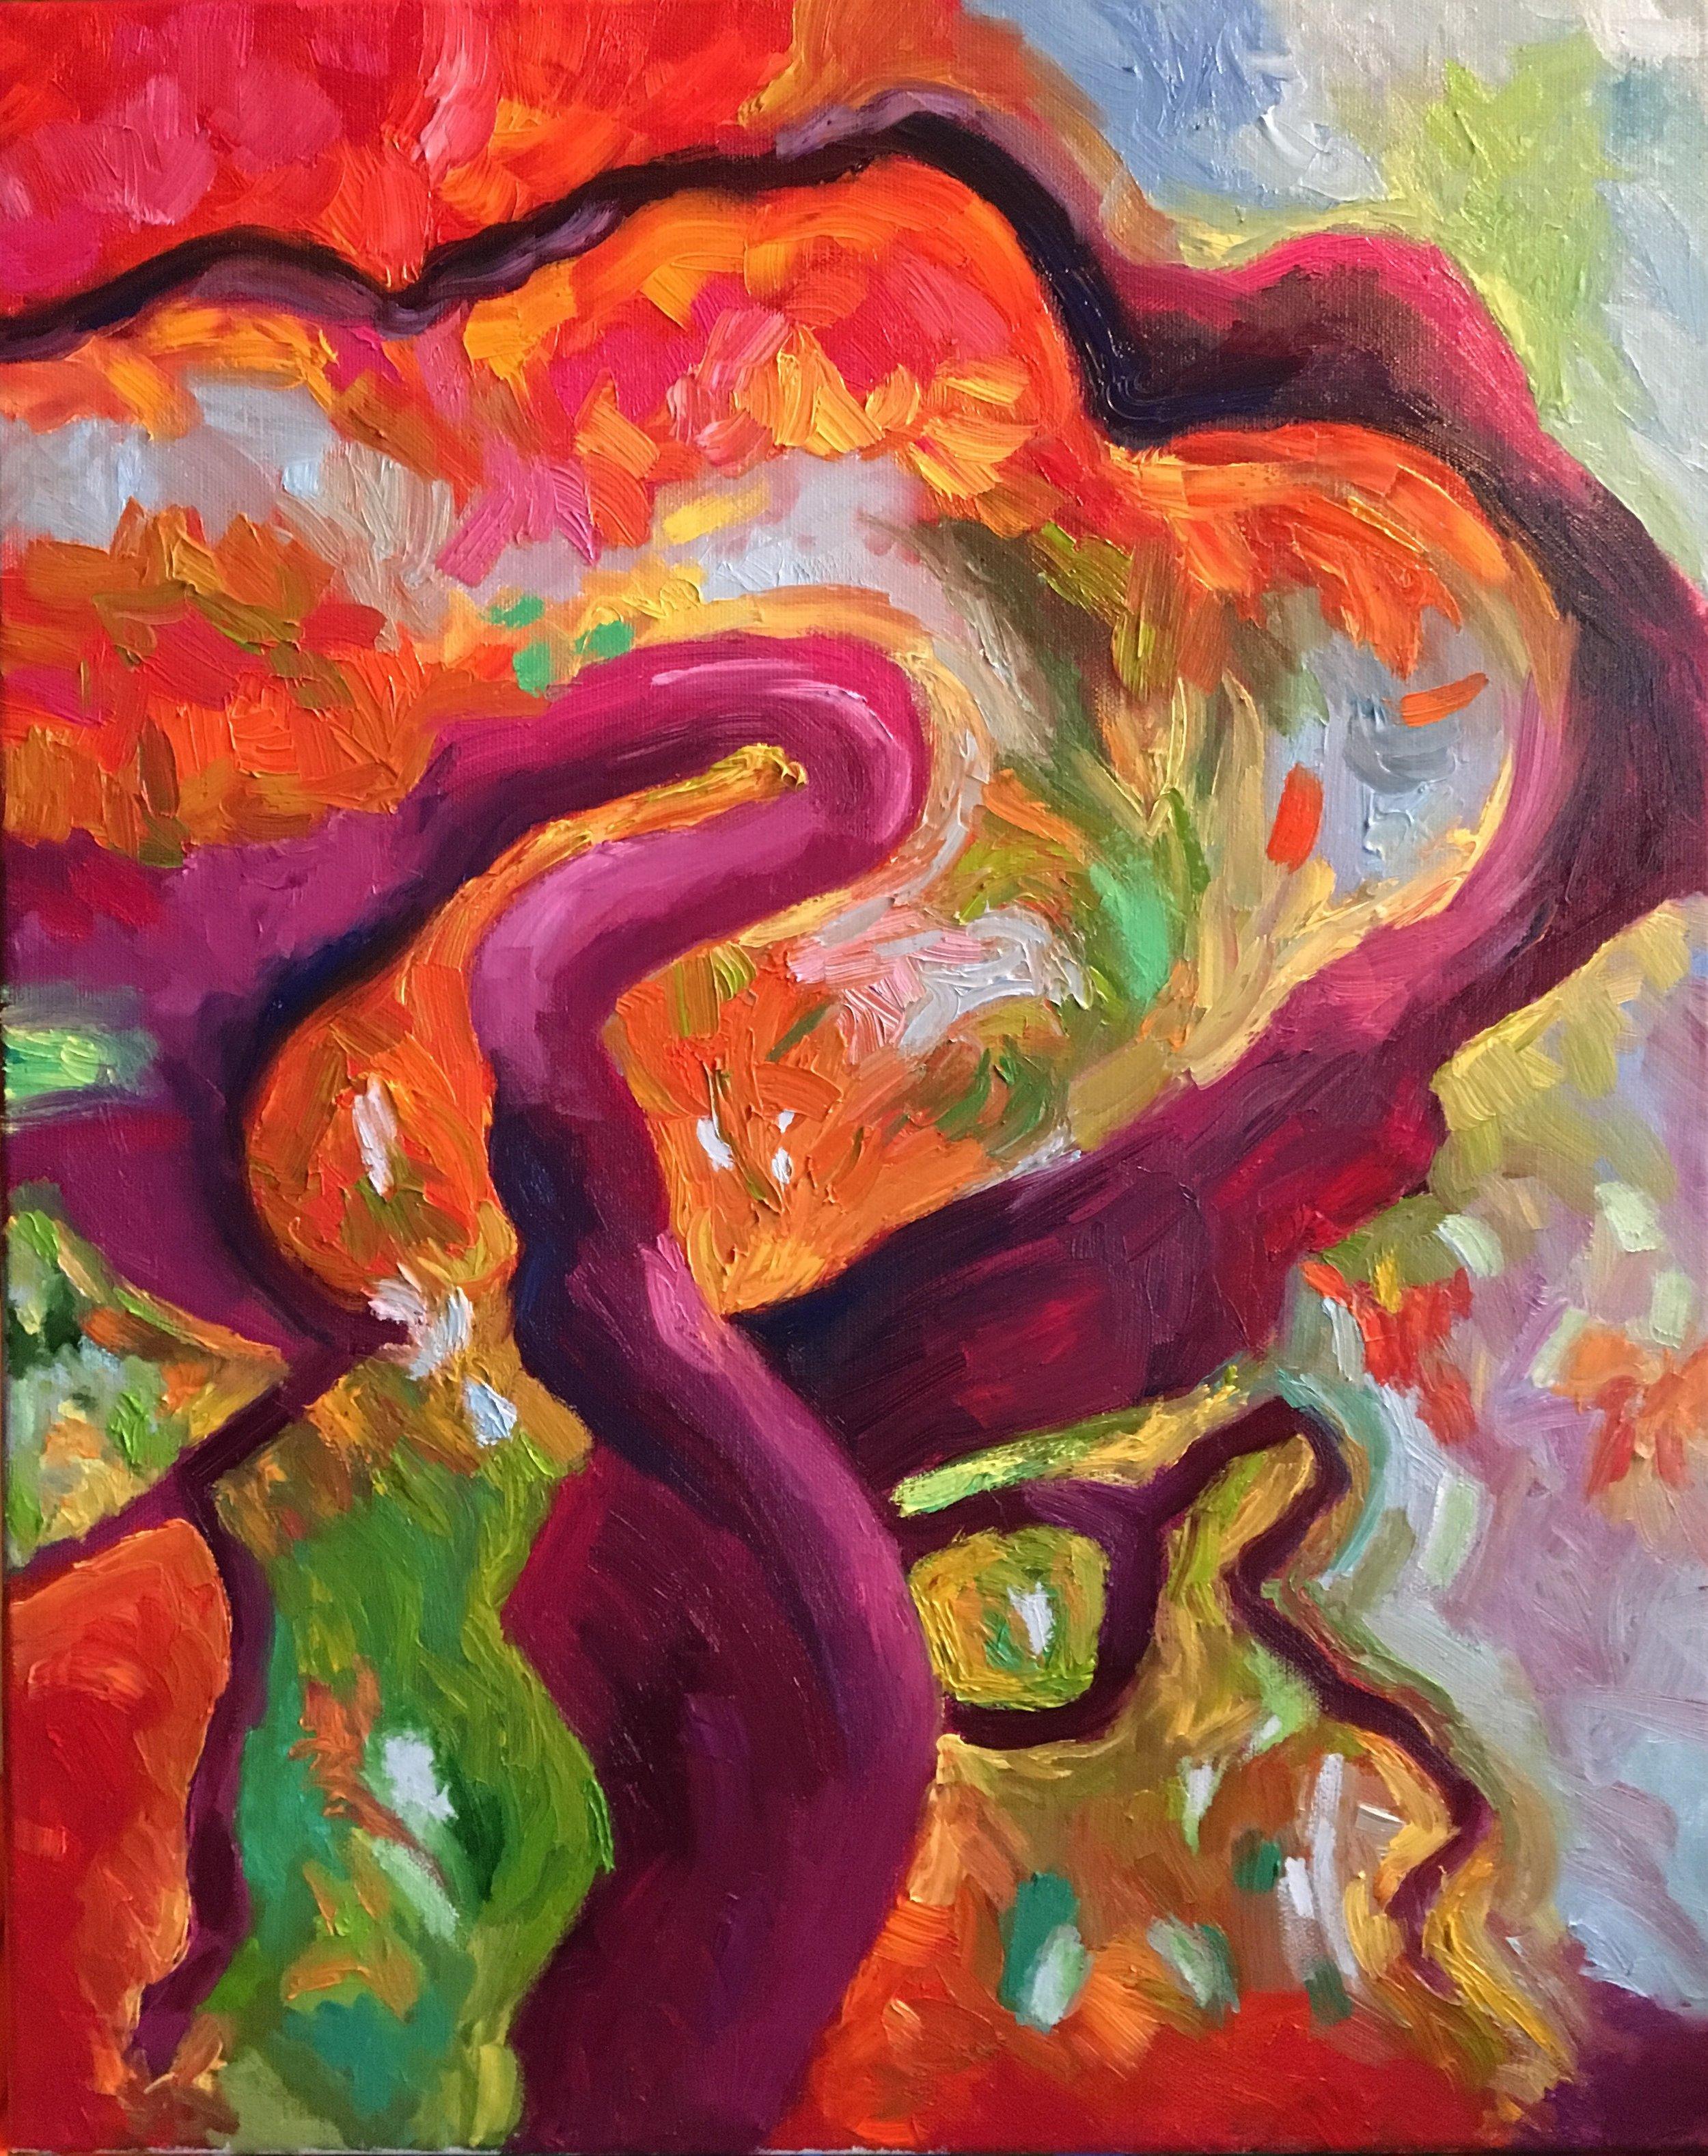 Heather M. Johnson, Blaze, Oil on canvas, $325.jpeg